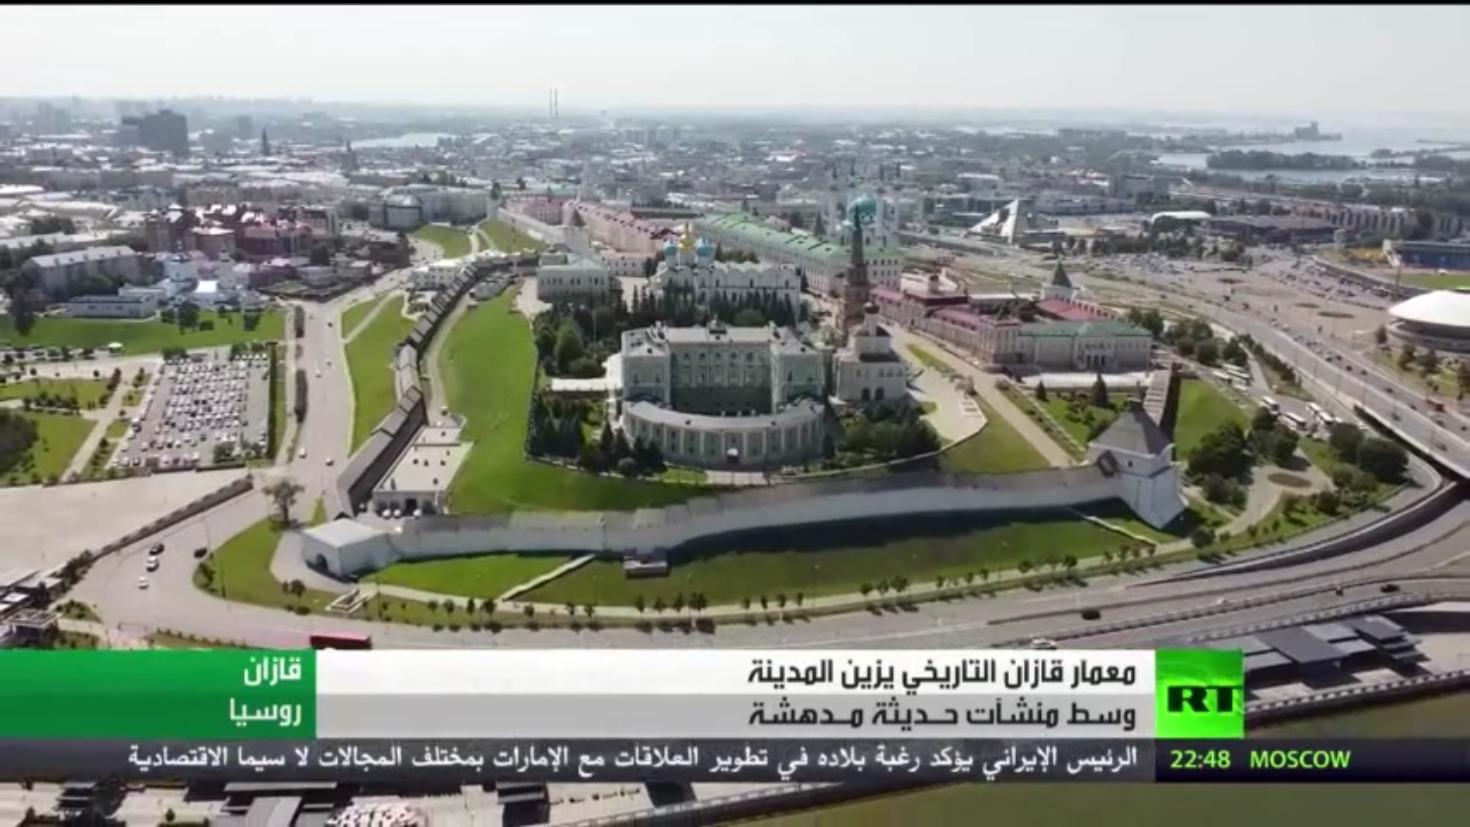 قازان.. مجمع المعمار التاريخي والحديث